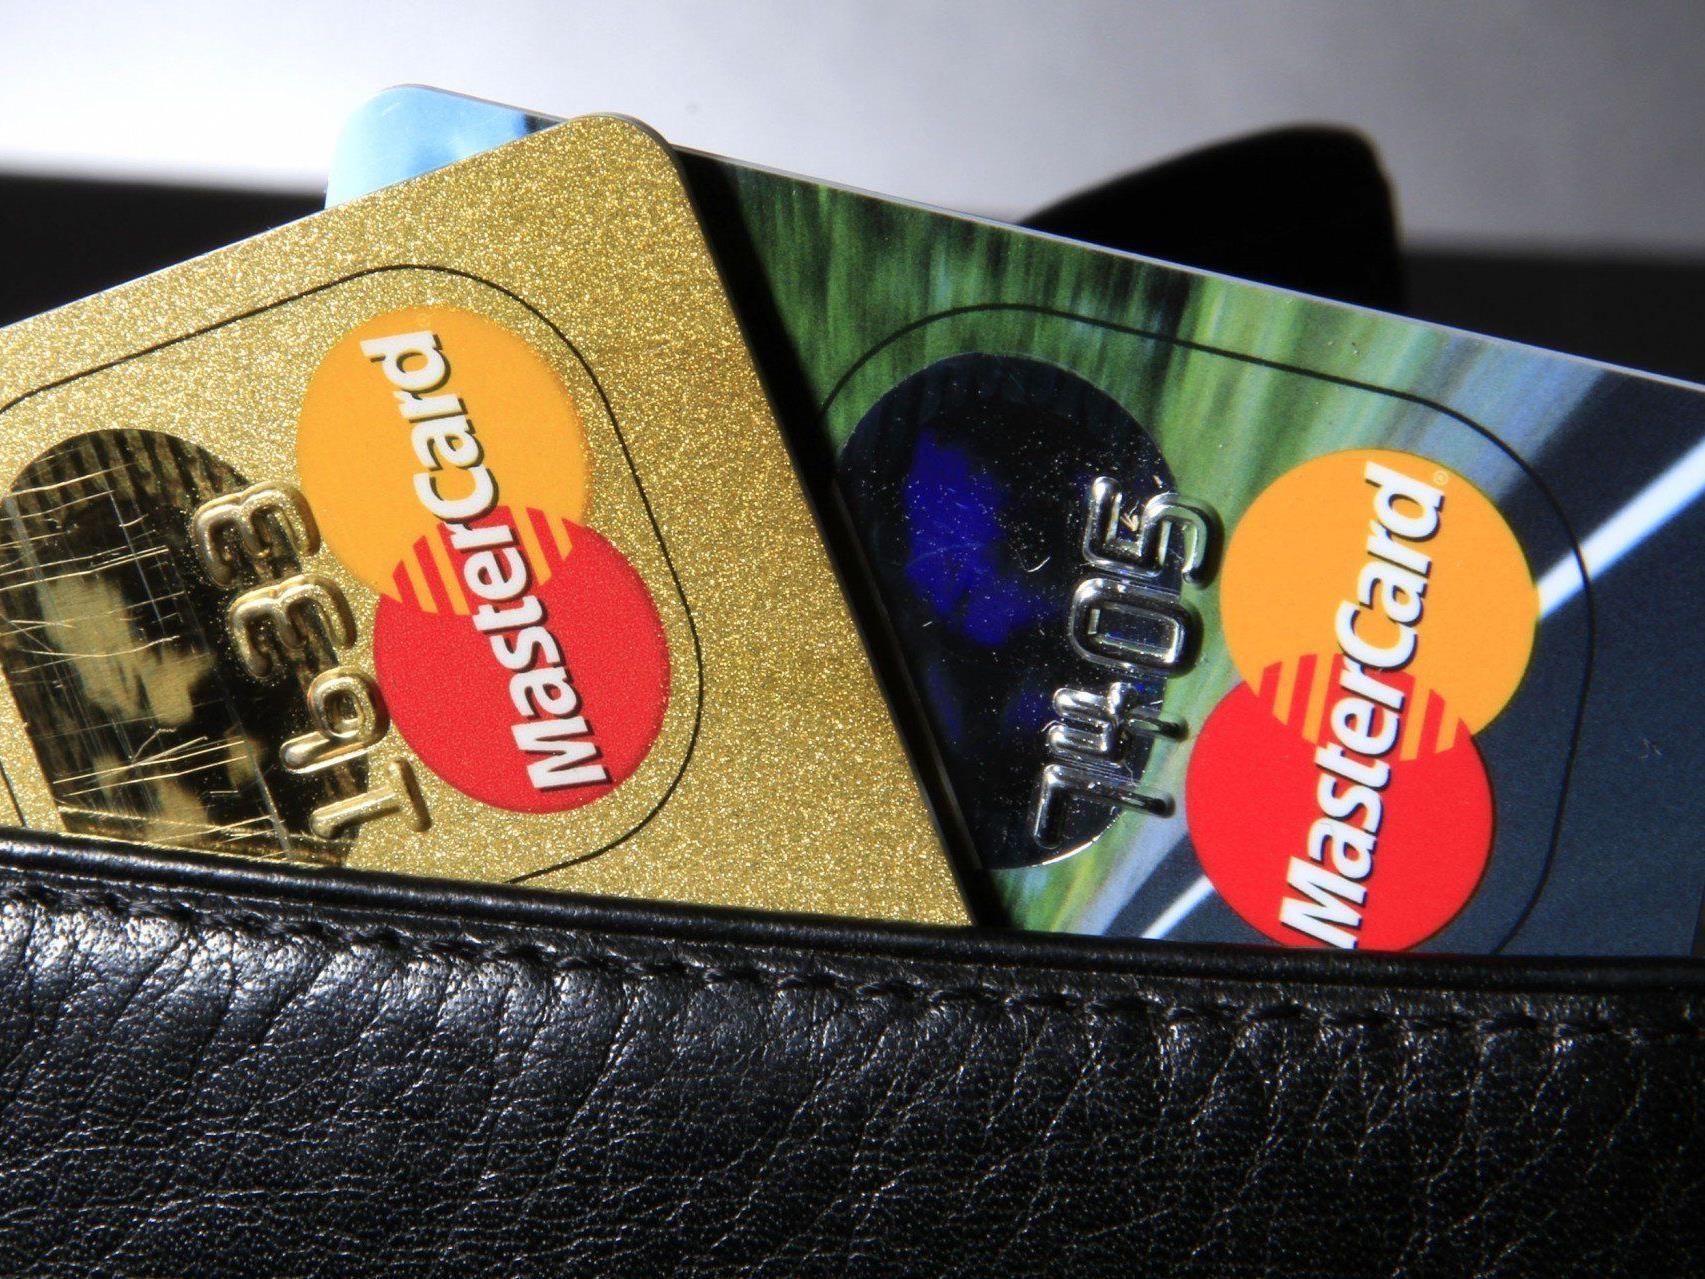 EU-Kommission will Praktiken von Mastercard bei den Interbankenentgelten auf den Grund zu gehen.